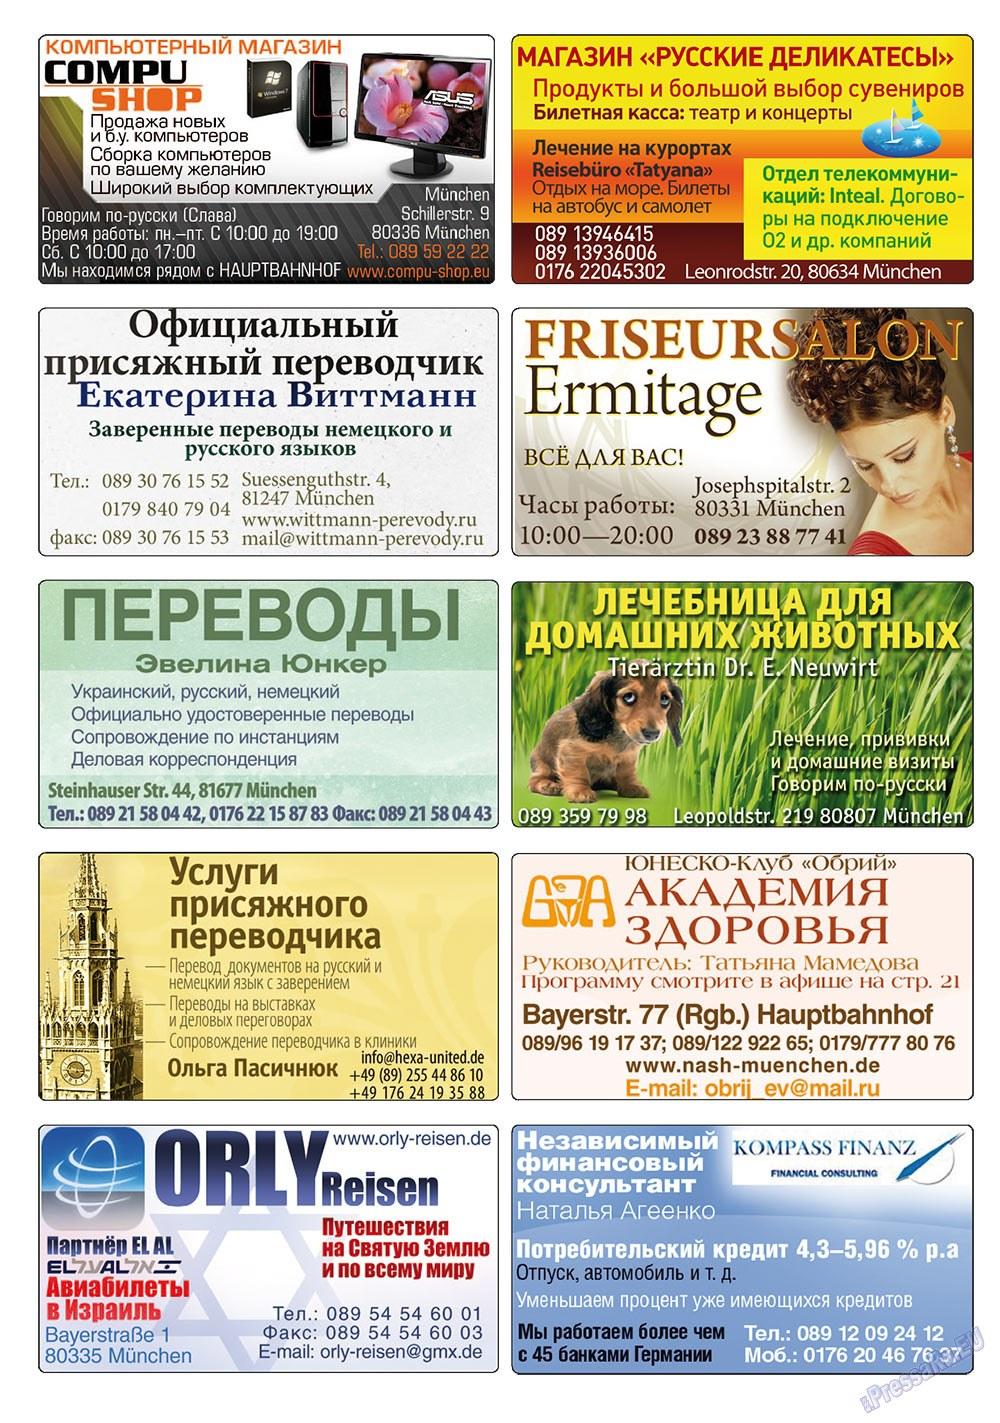 Апельсин (журнал). 2010 год, номер 11, стр. 23